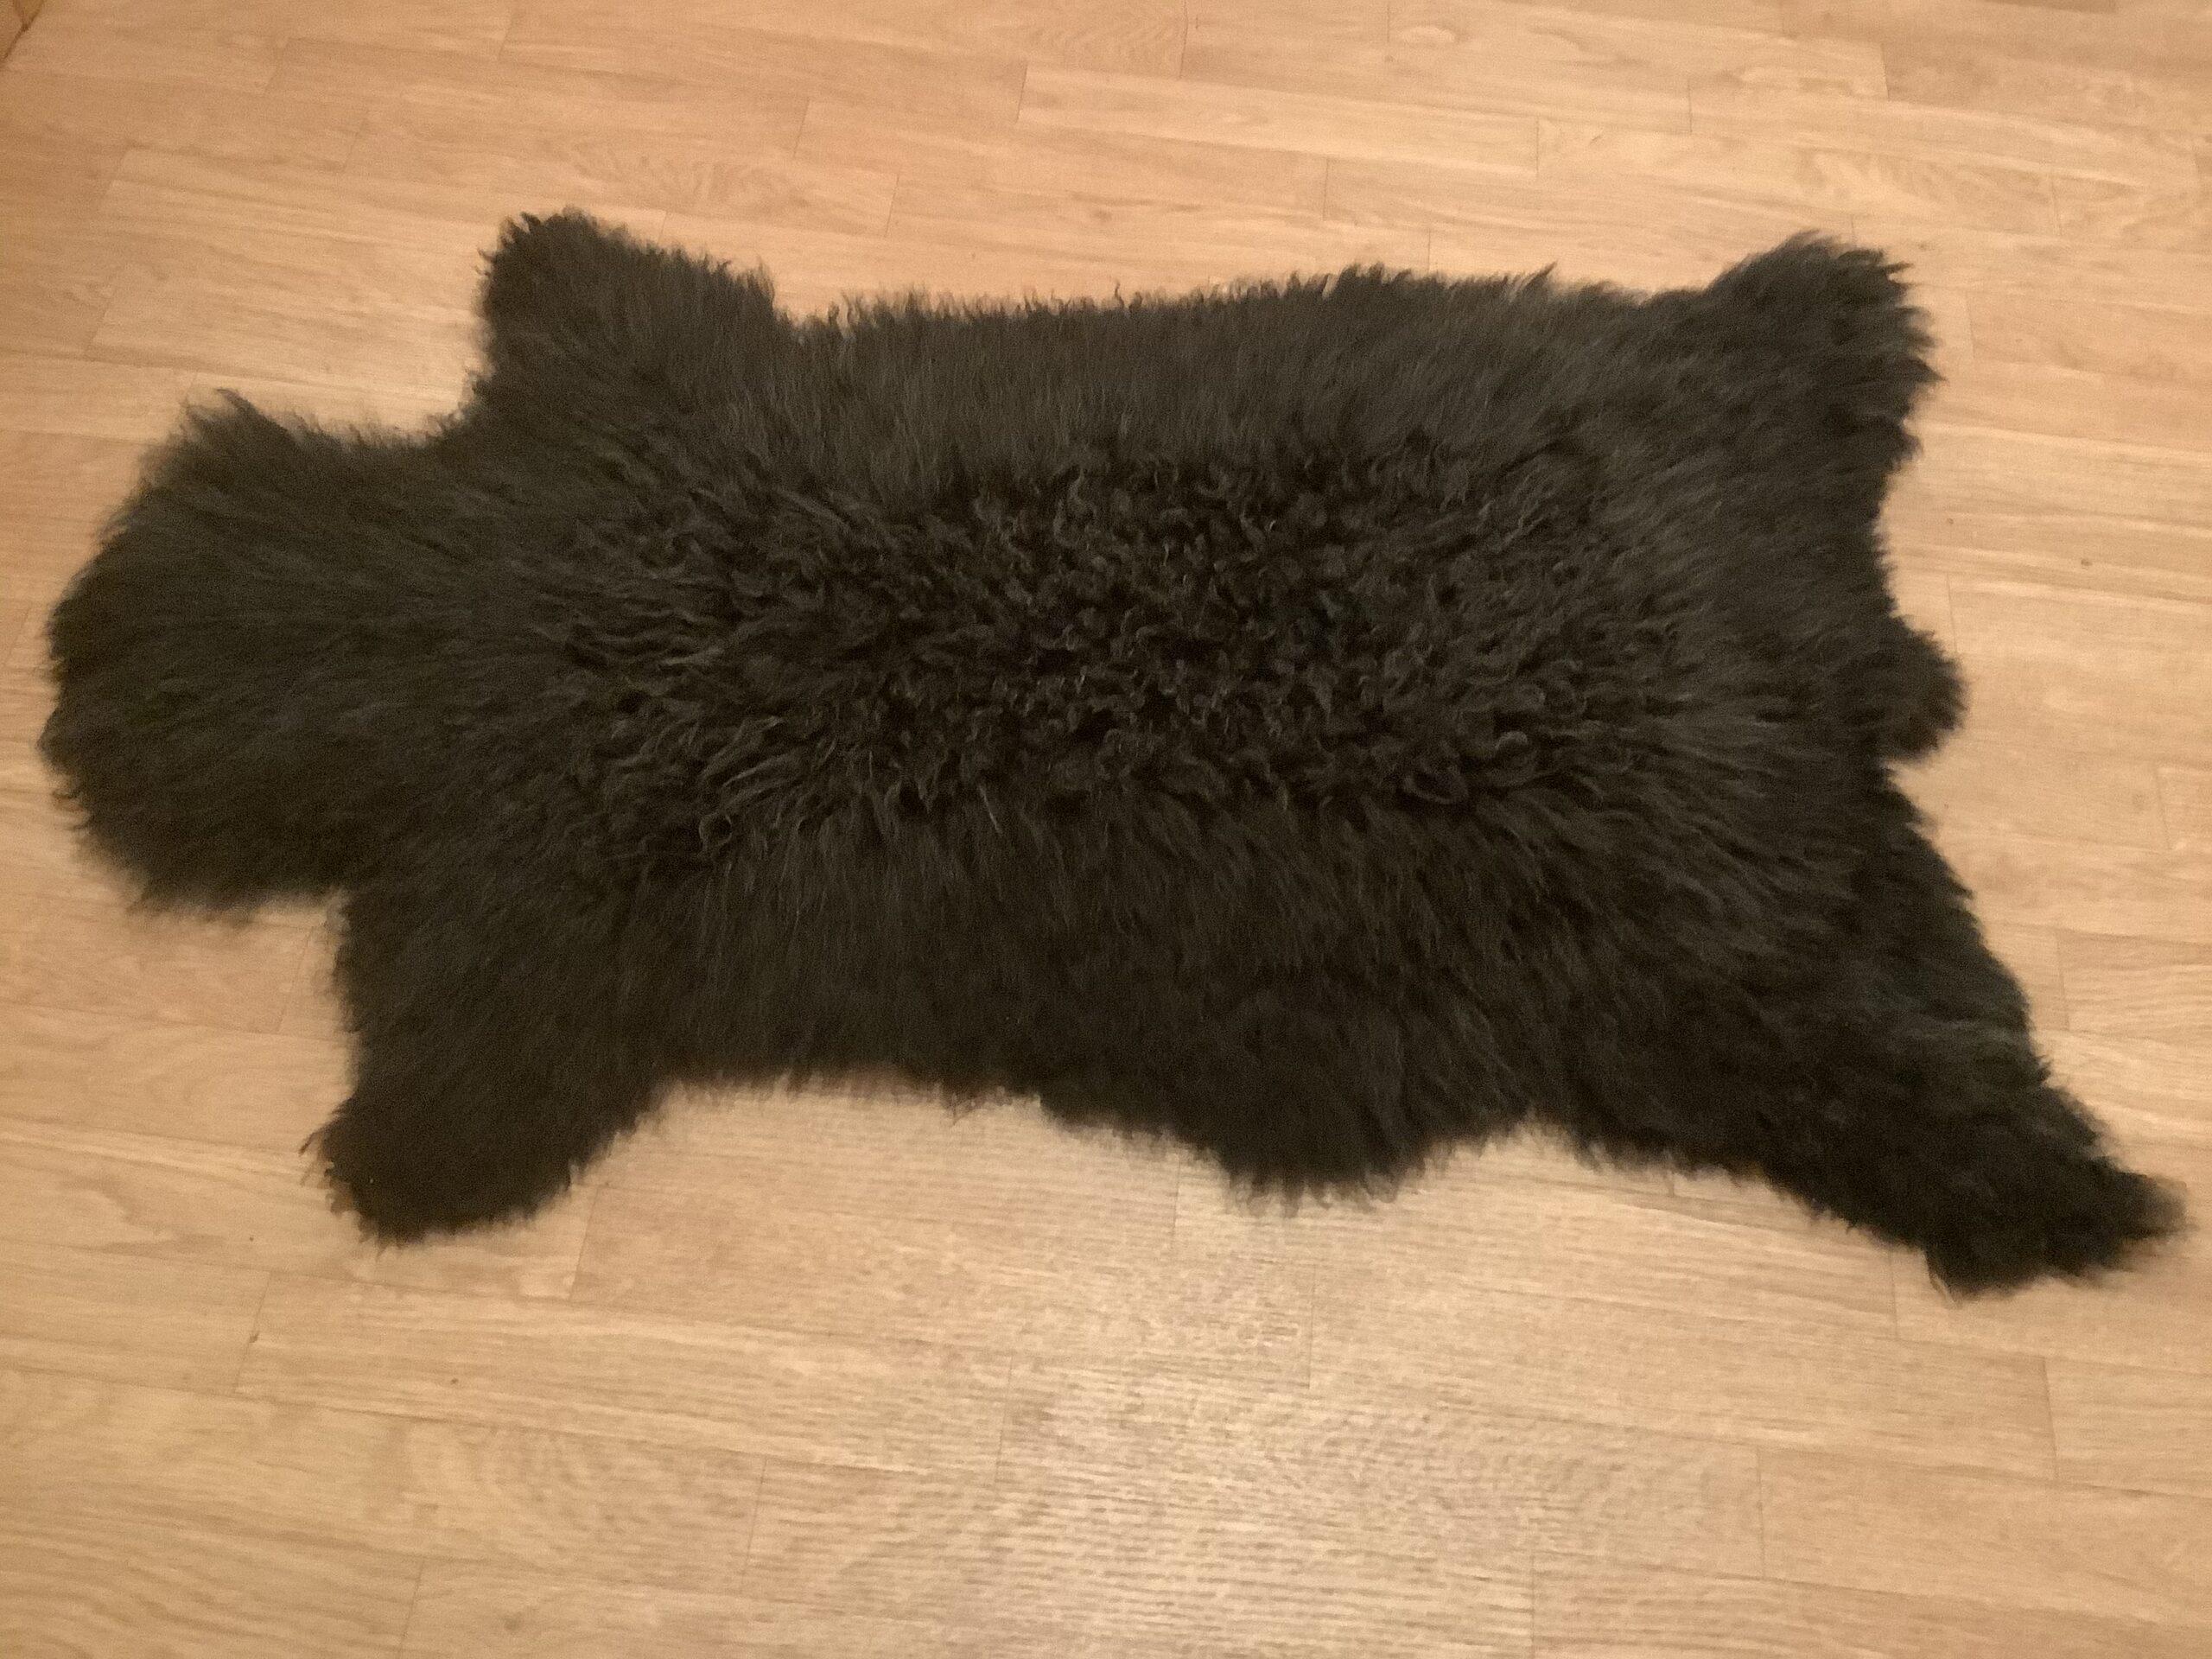 Black sheep skin rug